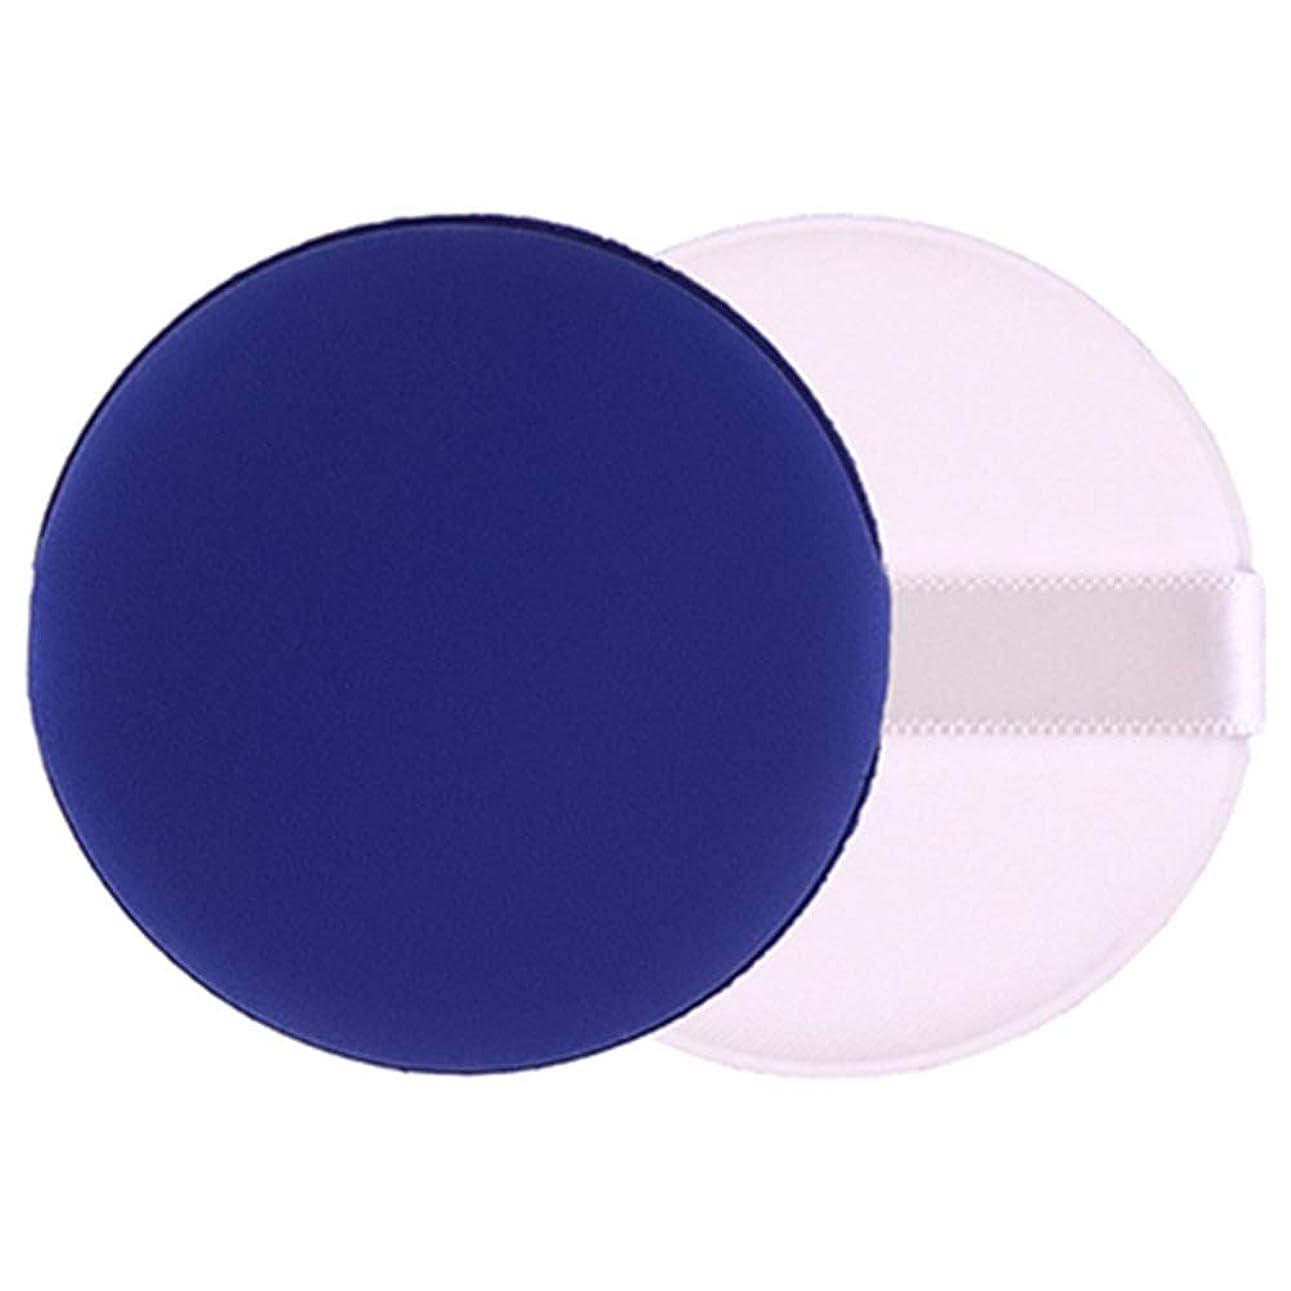 不公平契約ドライエアクッションパフ 2個 クリーム アプリケーター スポンジ パフ フェイシャル 乾湿両用 多用途 パウダーパフパッド クッションファンデーション 化粧ツール 全4色